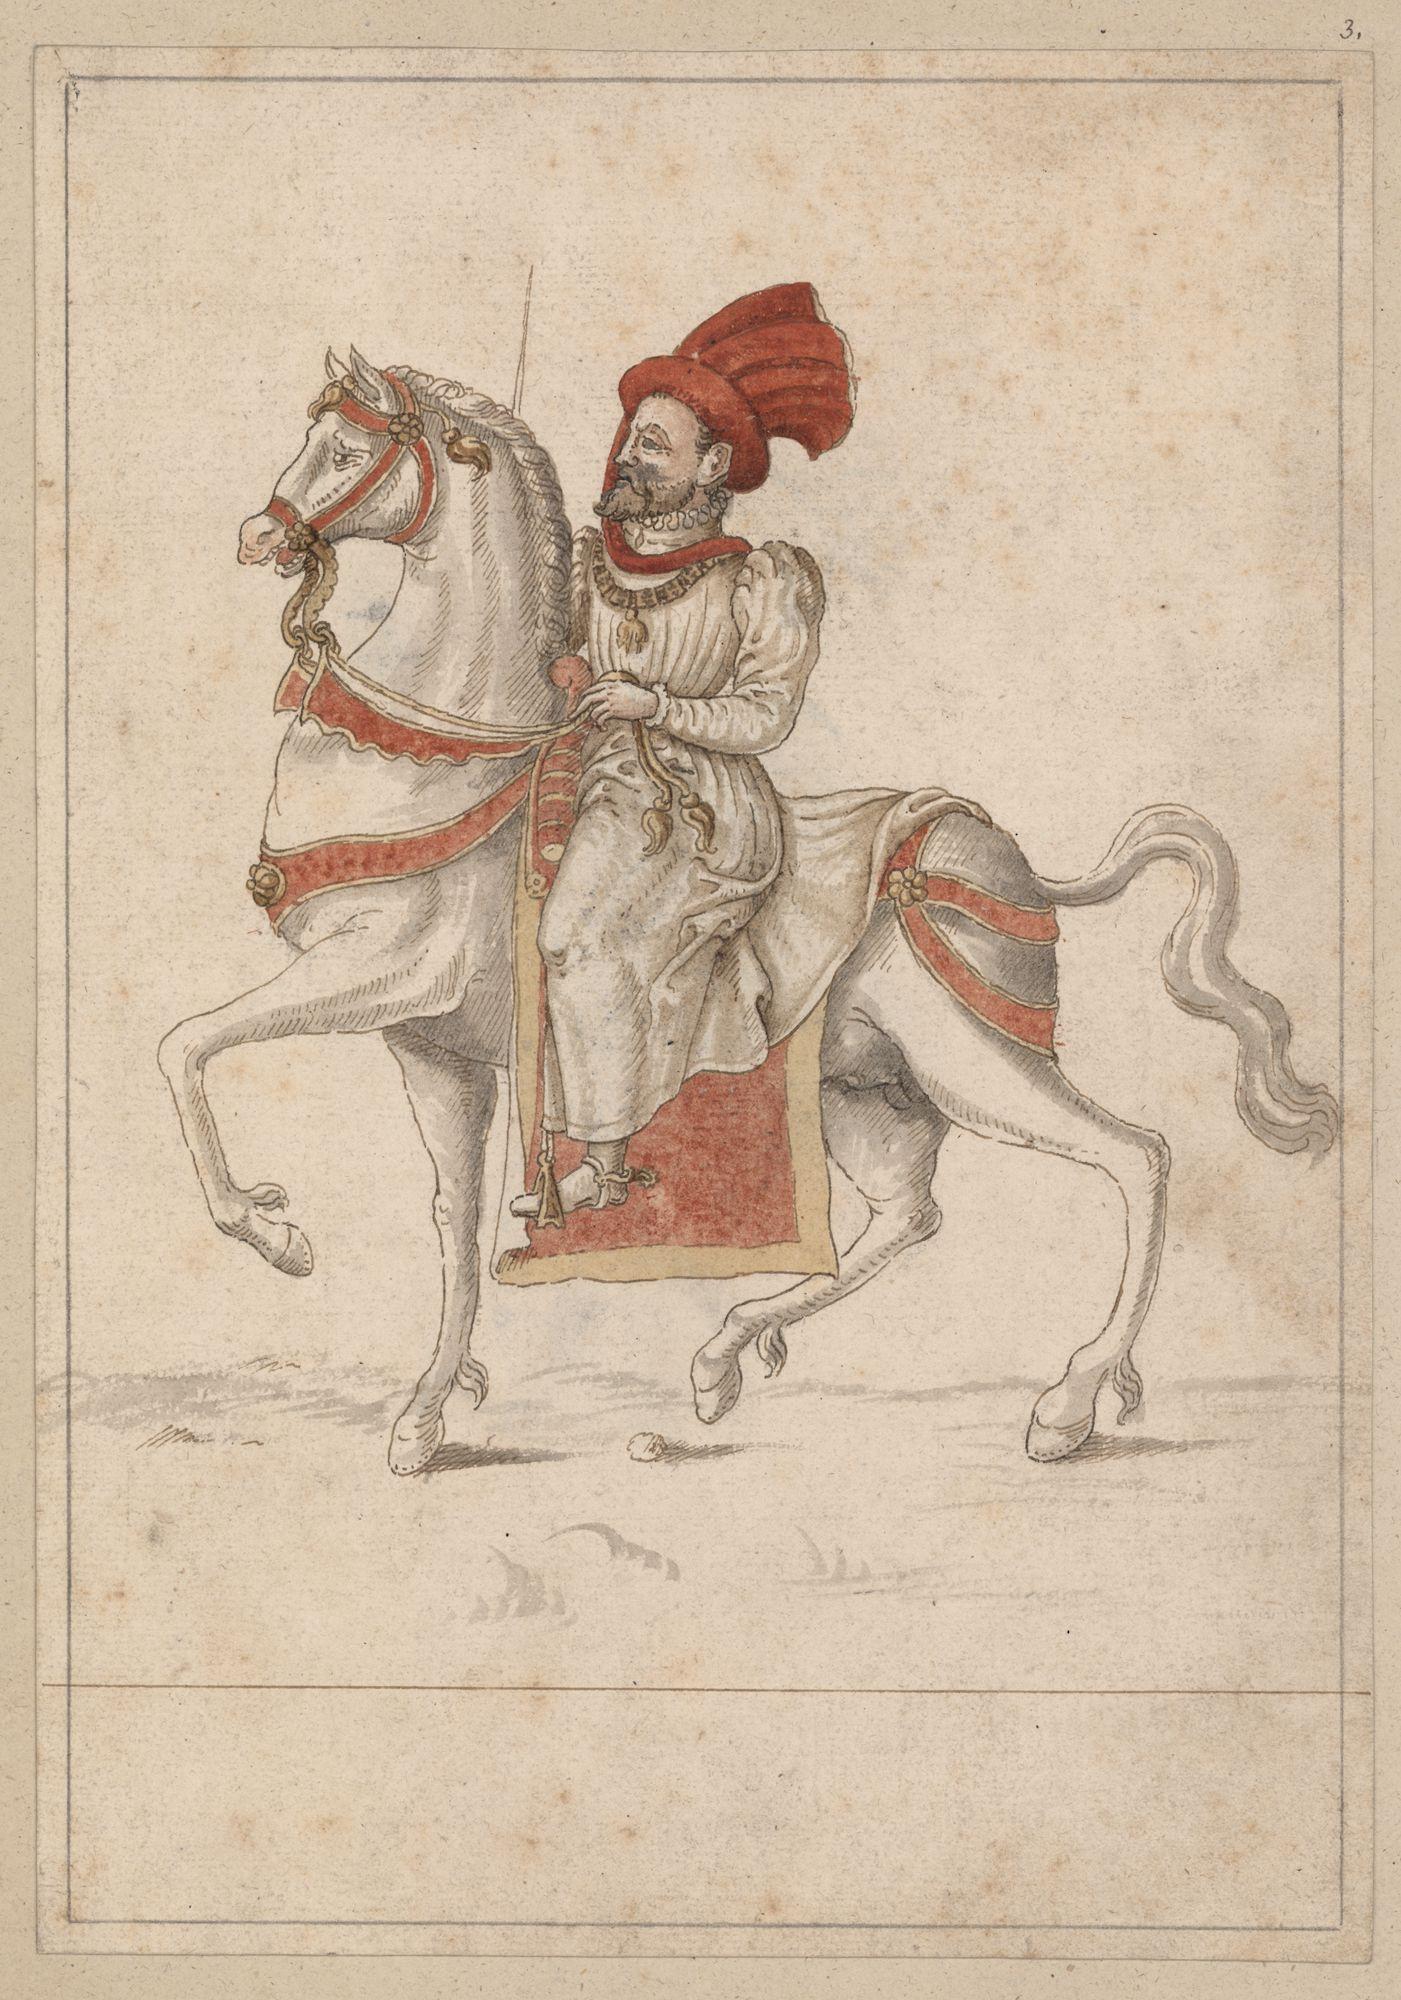 Filips II, koning van Spanje, te paard, als grootmeester van het Gulden Vlies, gekleed in scharlaken rood, op de eerste dag van het kapittel te Gent in 1559